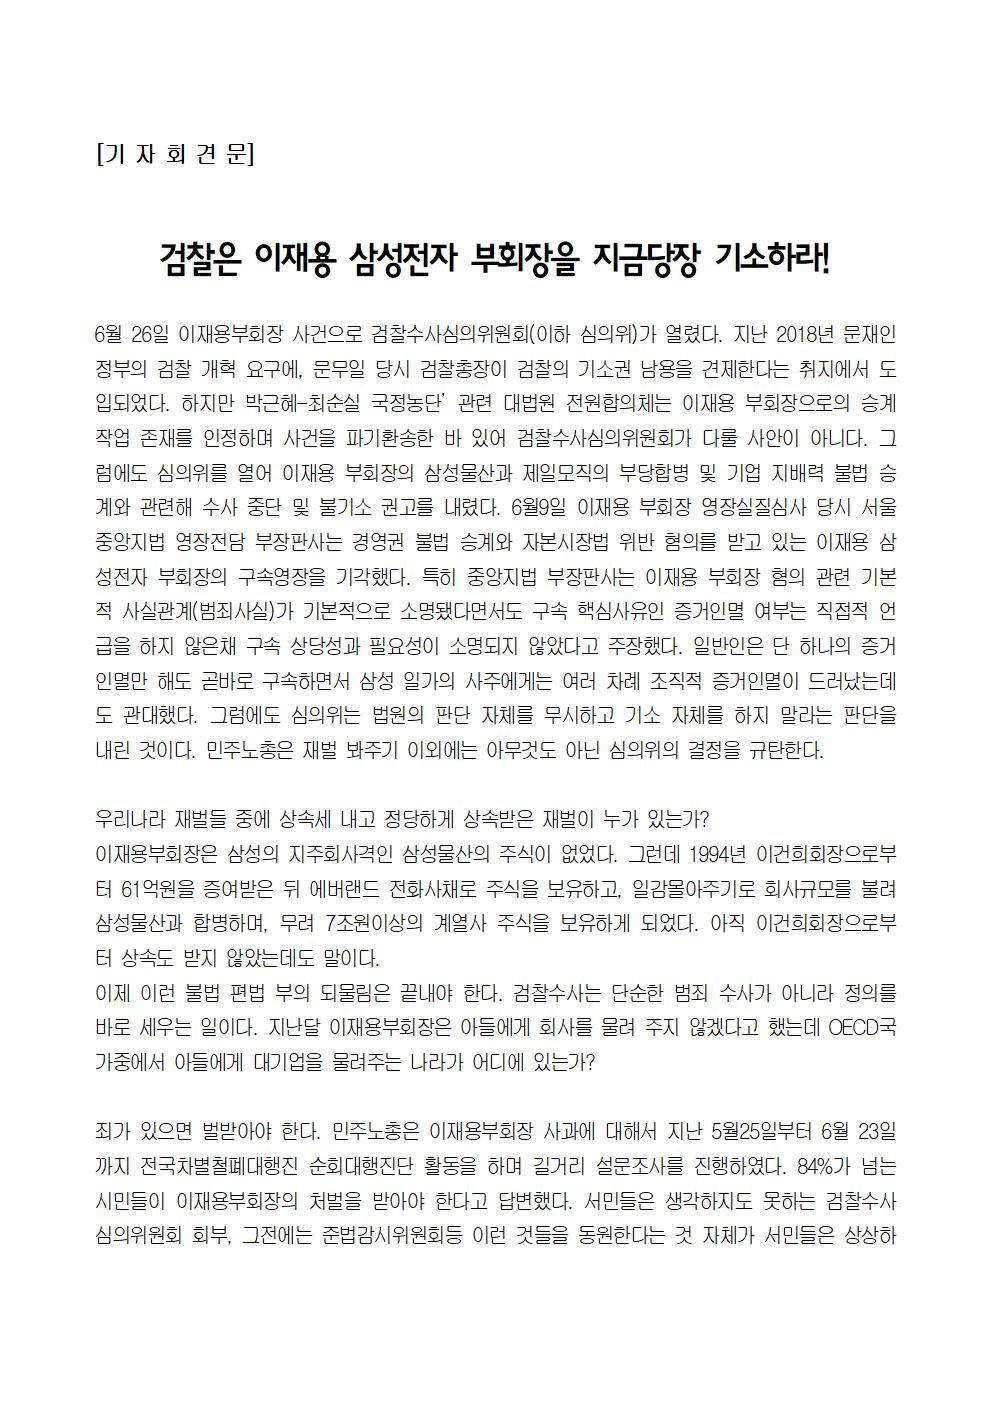 20200722 이재용 기소촉구 경북 대구 동시다발 기자회견002.jpg